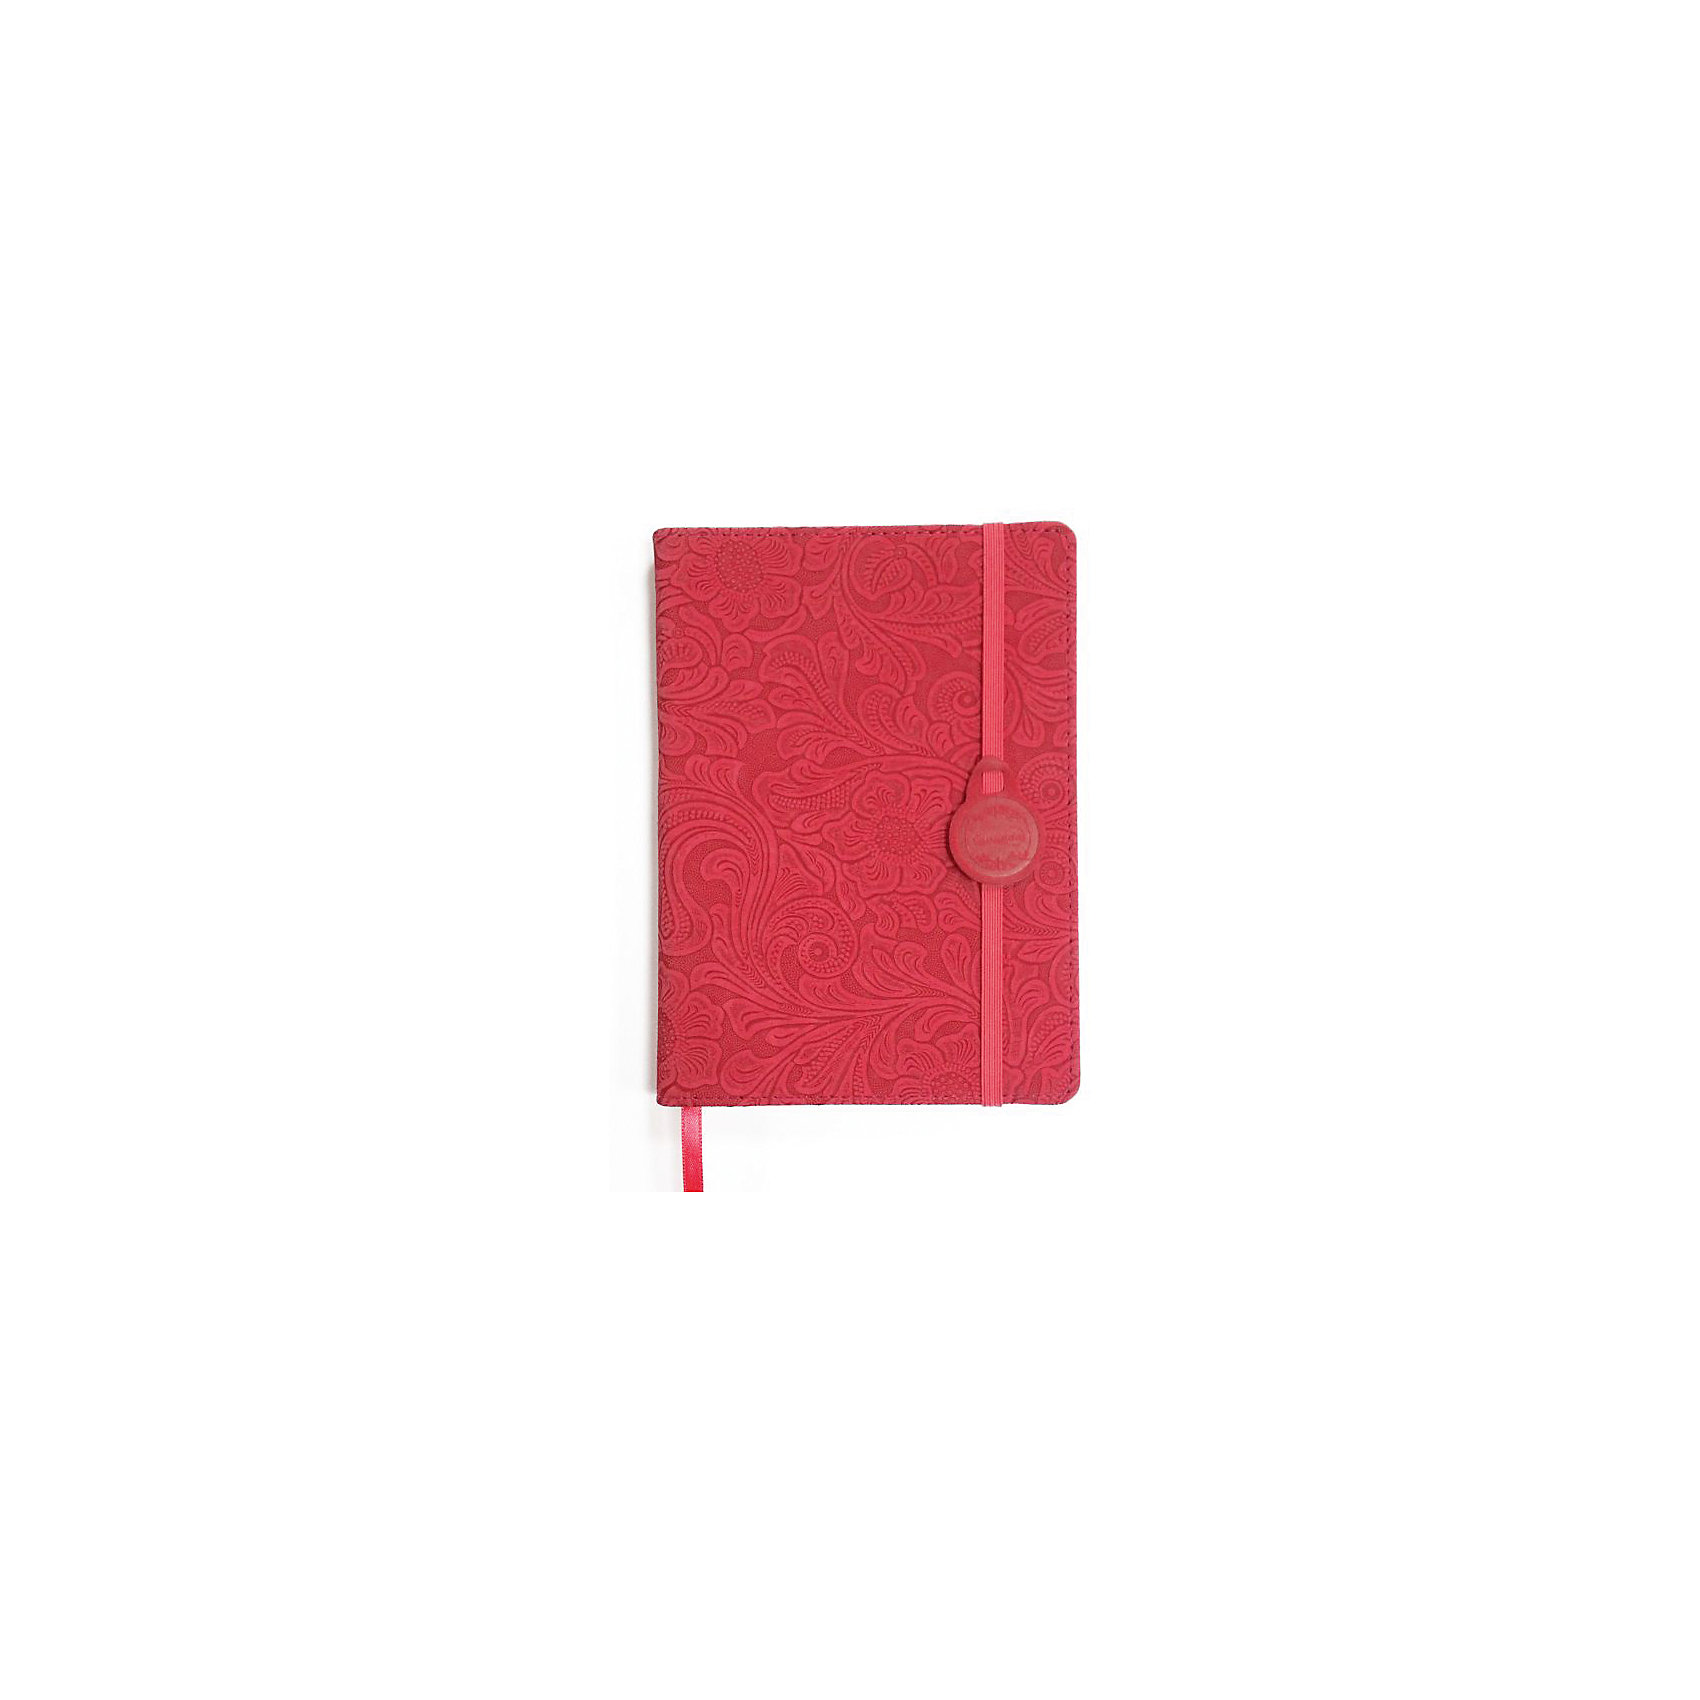 Ежедневник А6 недатированный, красныйБумажная продукция<br>Универсальный недатированный ежедневник пригодится как деловому взрослому так и ребенку.<br><br>Дополнительная информация:<br><br>- Формат: А6.<br>- Линовка: линия.<br>- Крепление: книжное (прошивка).<br>- Цвет: красный.<br>- Обложка: твердая.<br>- Материал: бумага, картон.<br>- Размер упаковки: 12,5х17,5х2 см.<br>- Вес в упаковке: 285 г.<br><br>Купить ежедневник А6 недатированный в красном цвете, можно в нашем магазине.<br><br>Ширина мм: 125<br>Глубина мм: 175<br>Высота мм: 20<br>Вес г: 285<br>Возраст от месяцев: -2147483648<br>Возраст до месяцев: 2147483647<br>Пол: Унисекс<br>Возраст: Детский<br>SKU: 4943487